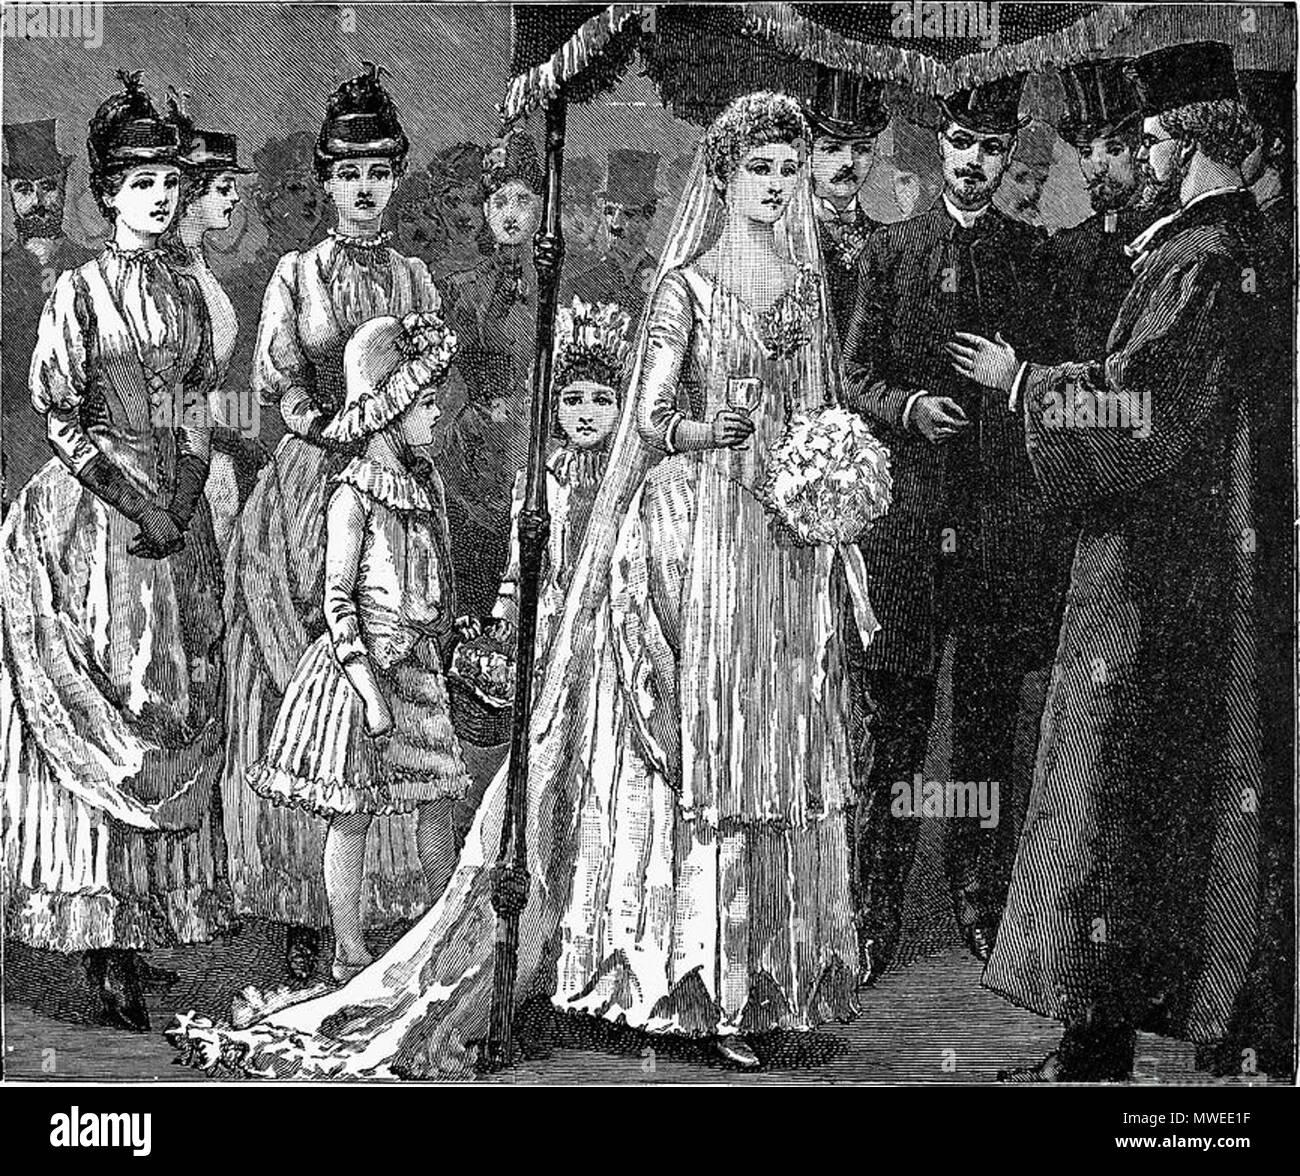 Englisch Judische Trauung C 1892 Ursprungliche Quelle Von John